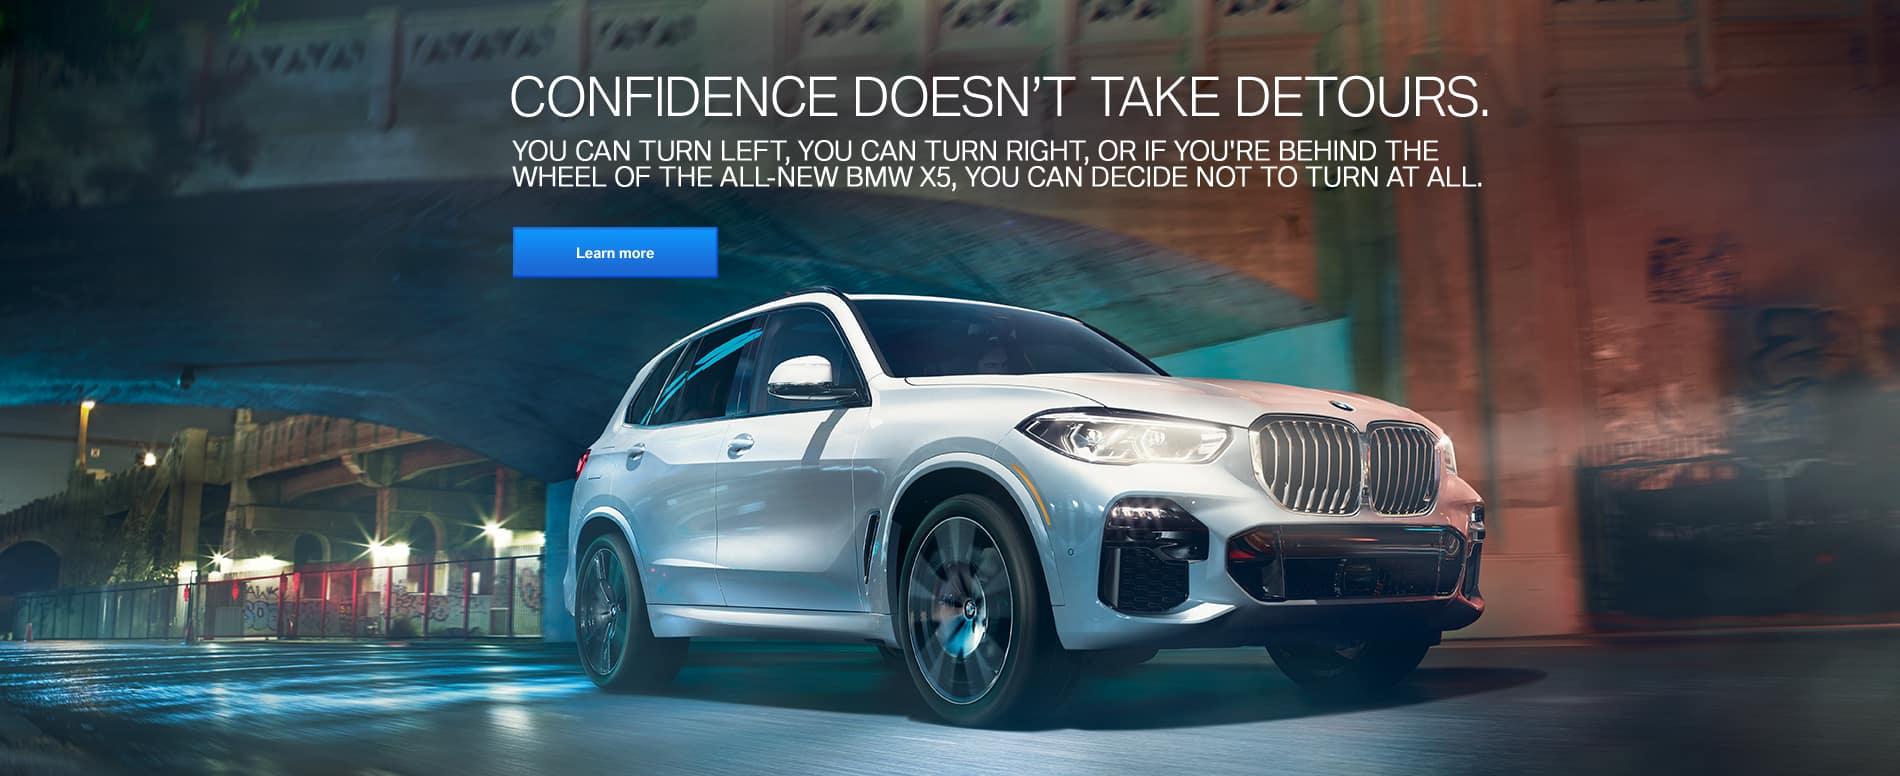 Feb 2019 BMW X5